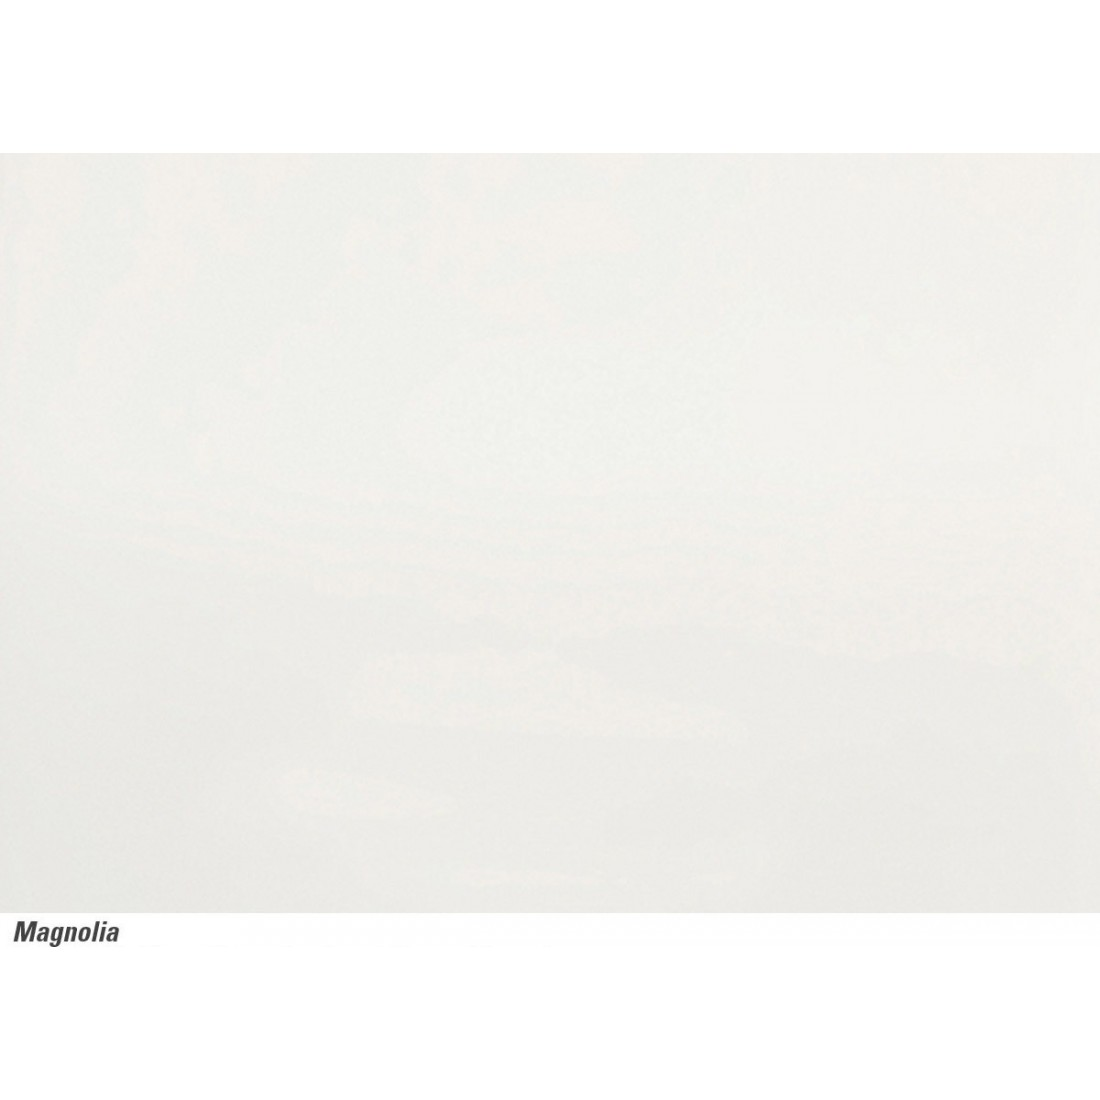 Keraminė plautuvė Franke Mythos, MTK 611-100, Magnolia, dubuo kairėje, 2 išgręžtos skylės